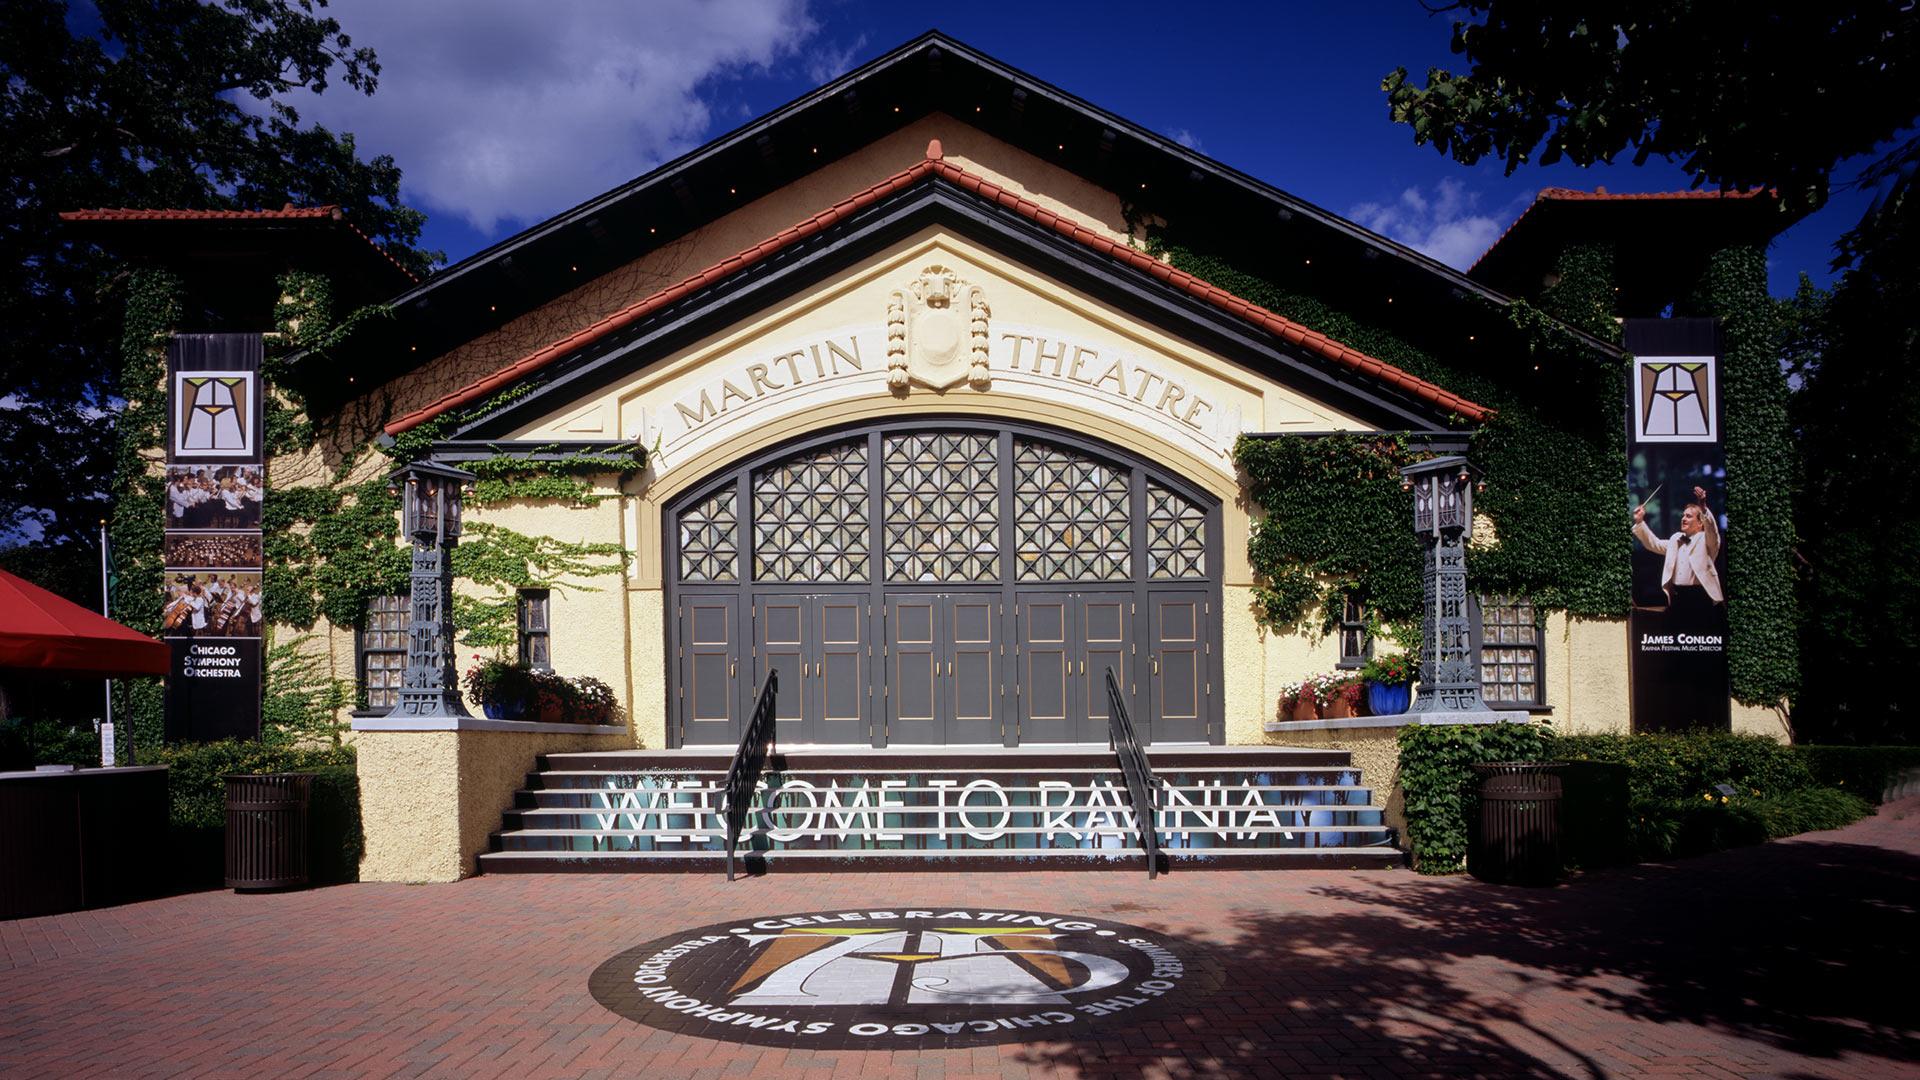 Ravinia Festival: Martin Theatre